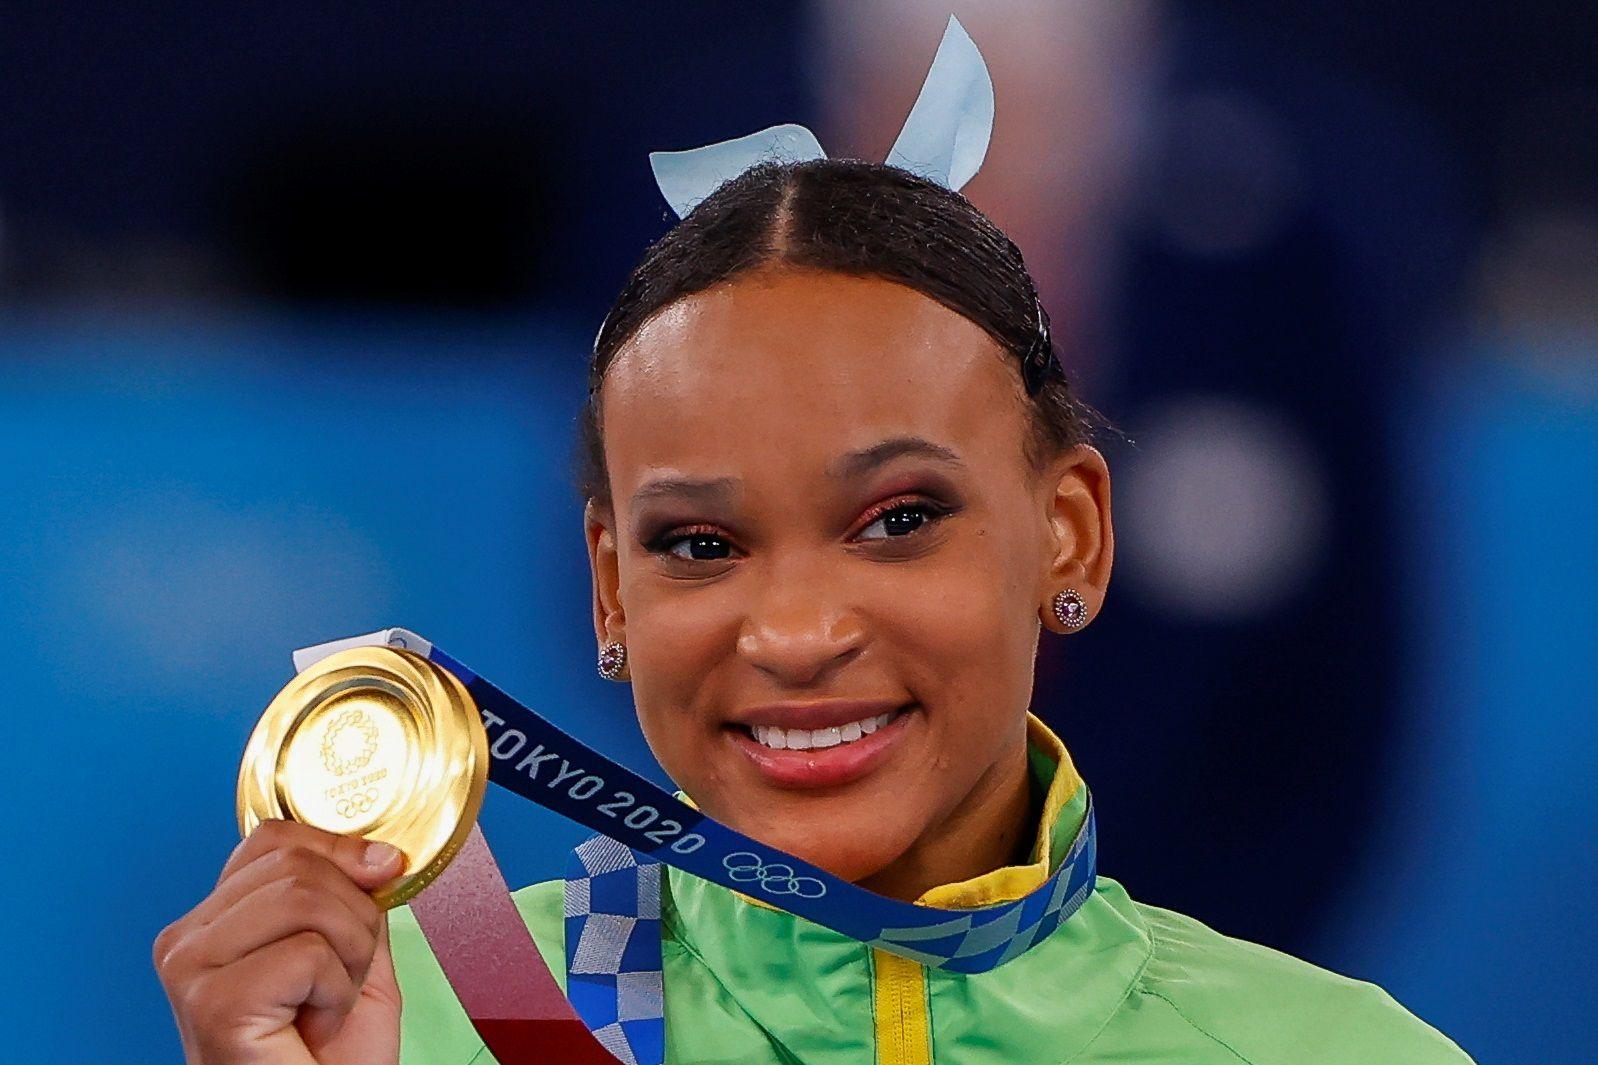 La brasileña Rebeca Andrade celebra en el podio tras conseguir la medalla de oro en la final individual de salto femenino de Gimnasia Artística durante los Juegos Olímpicos 2020, este domingo en el Centro de Gimnasia de Ariake de Tokio (Japón). EFE/ Enric Fontcuberta